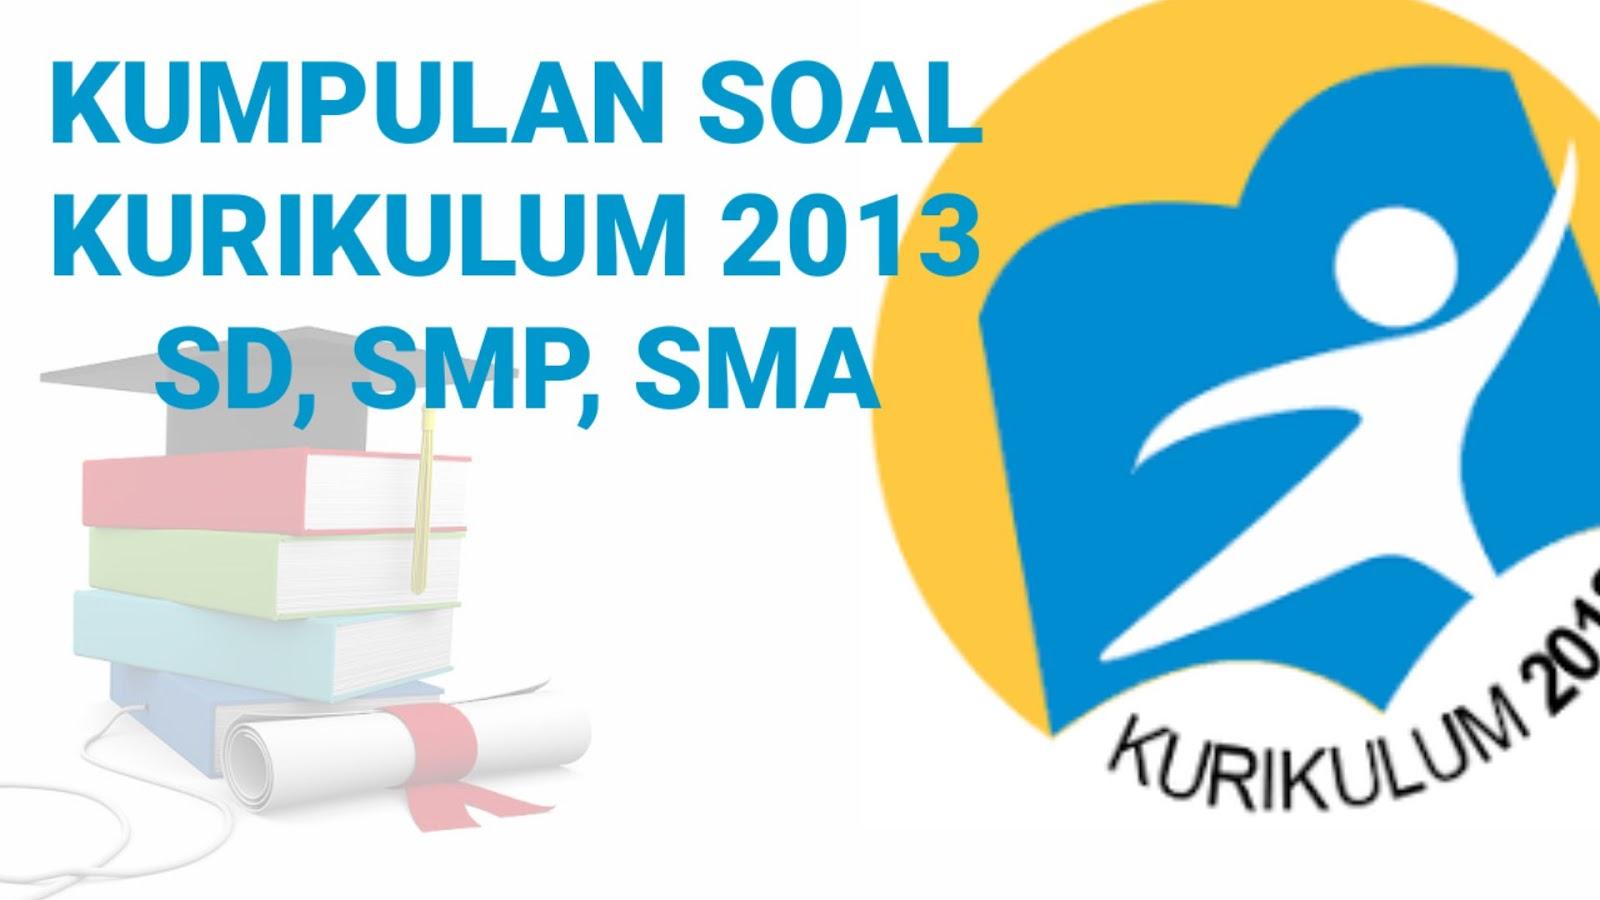 30 Soal Uts Pts Bahasa Jawa Kelas 2 Sd Mi Semester 1 Kurikulum 2013 Dan Kunci Jawaban Revisi Terbaru 2021